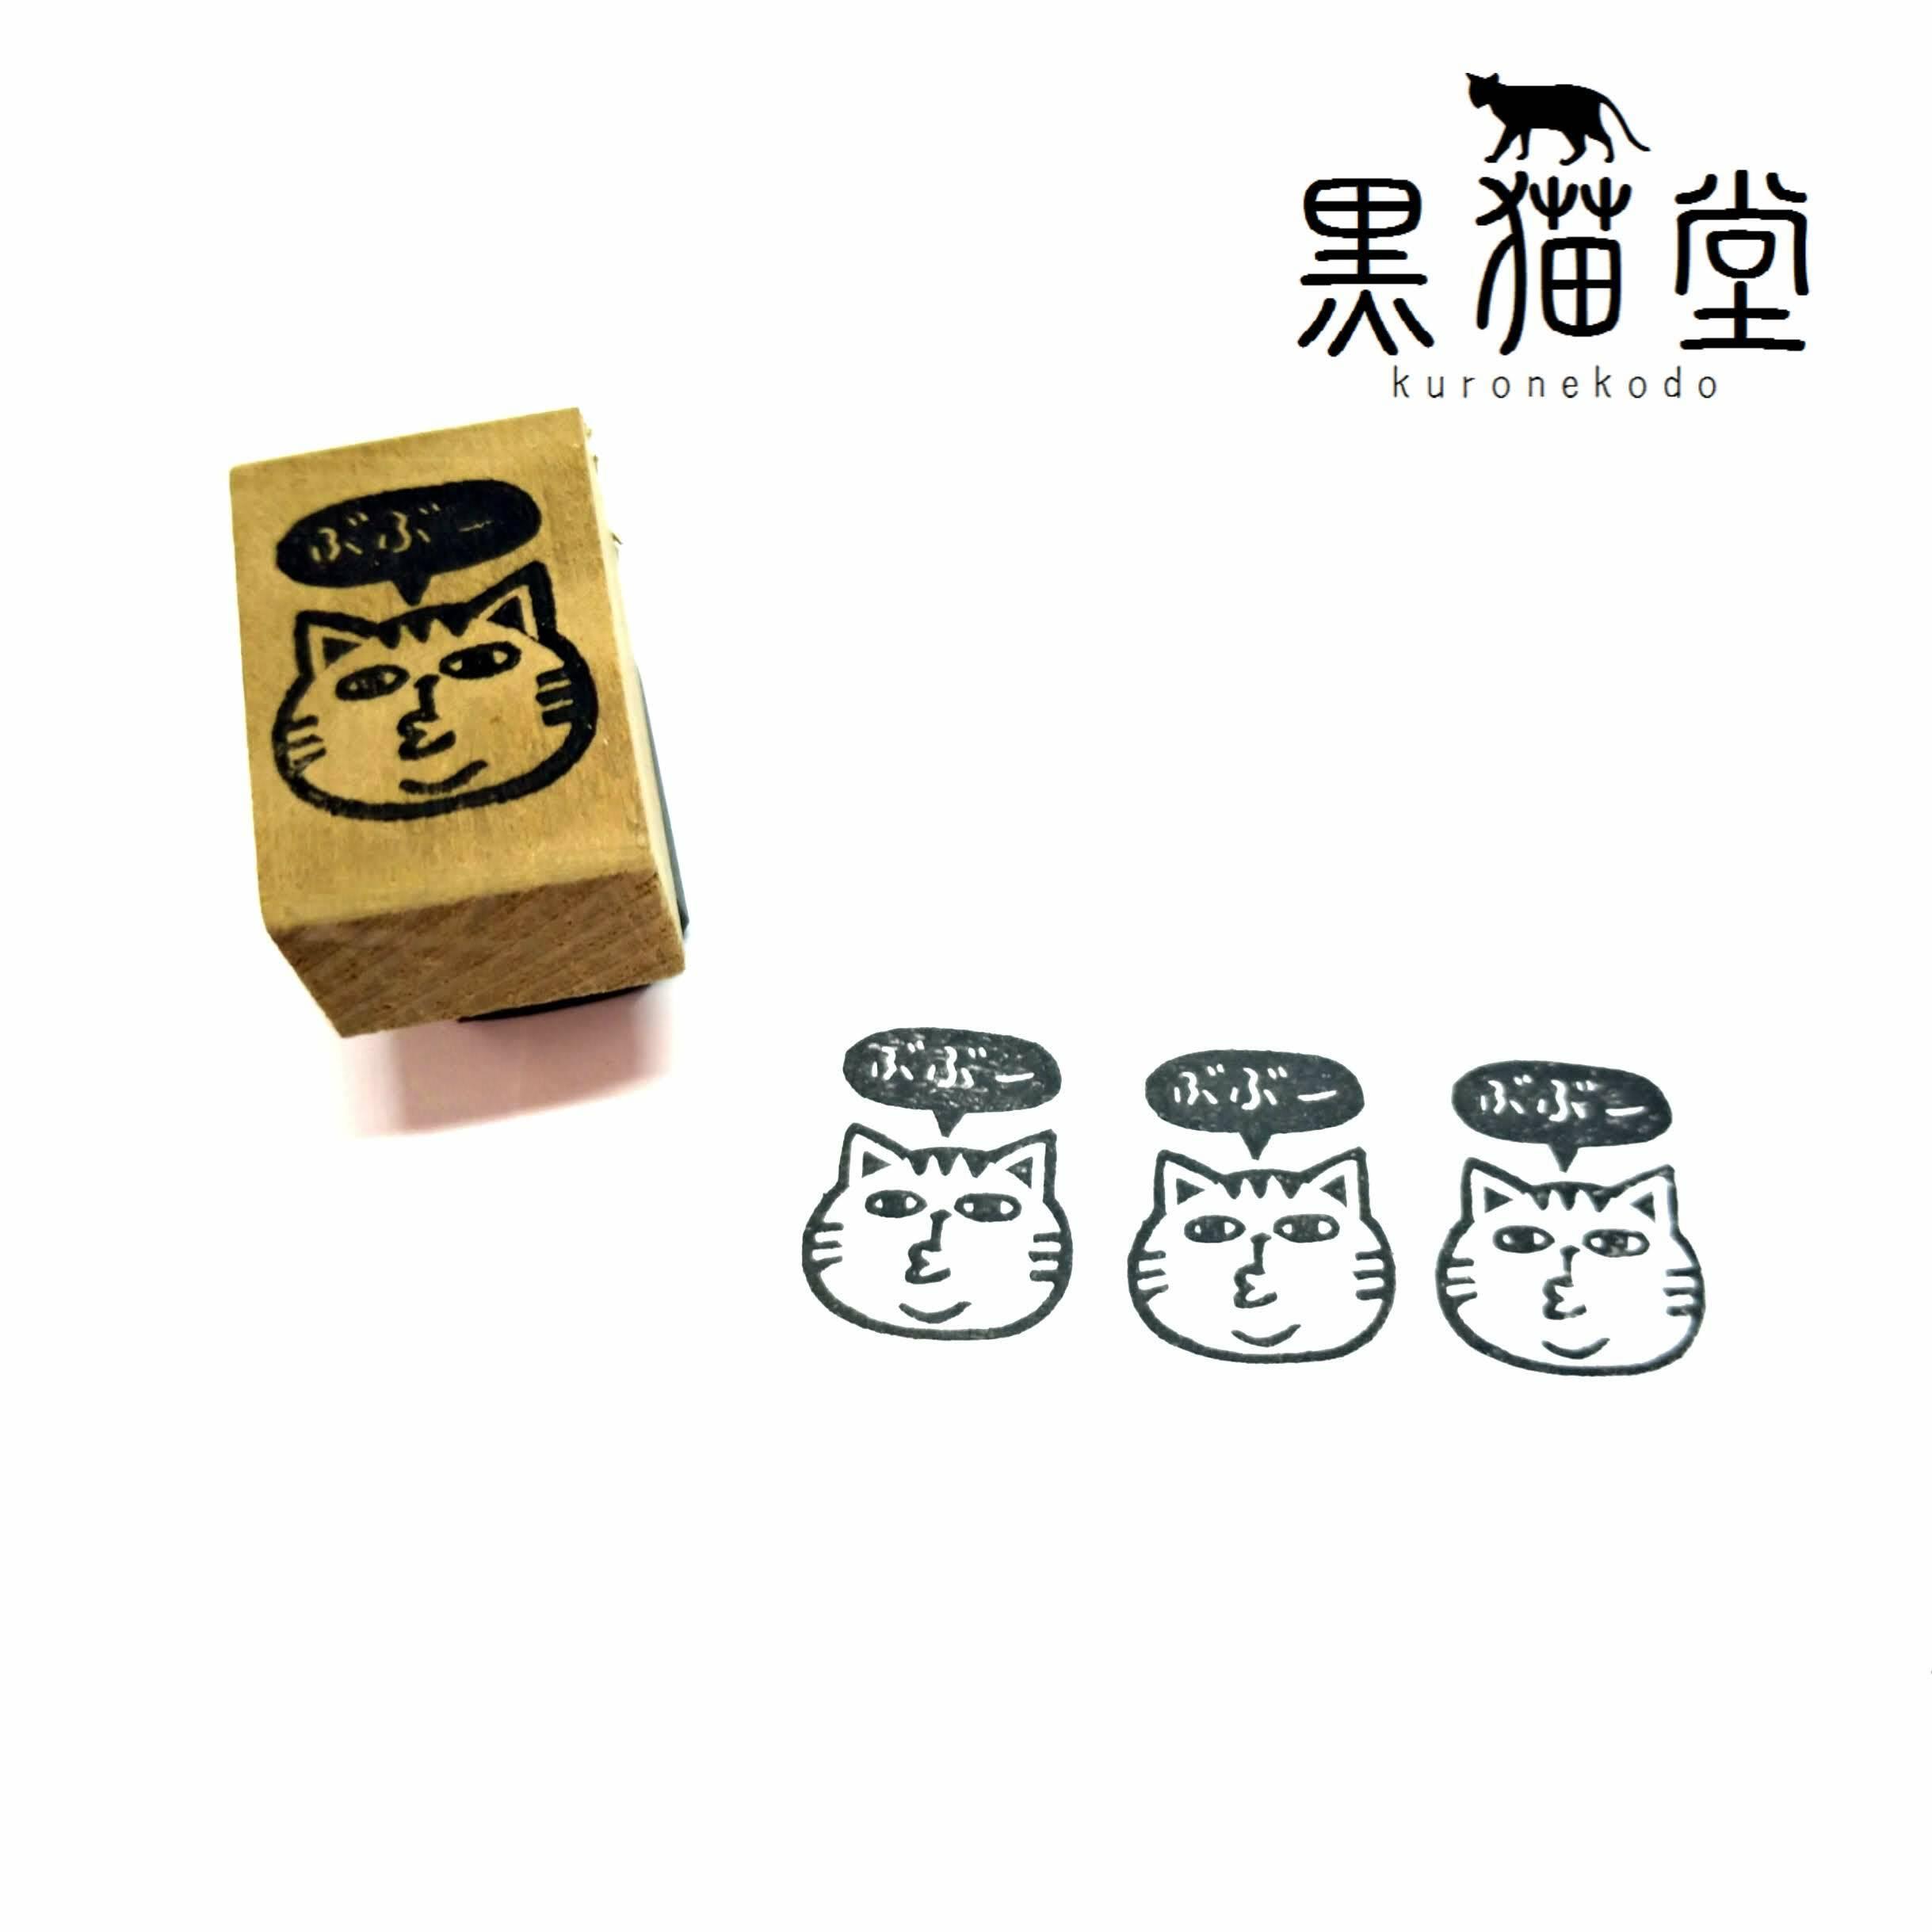 関西弁ネコ「ぶぶー」